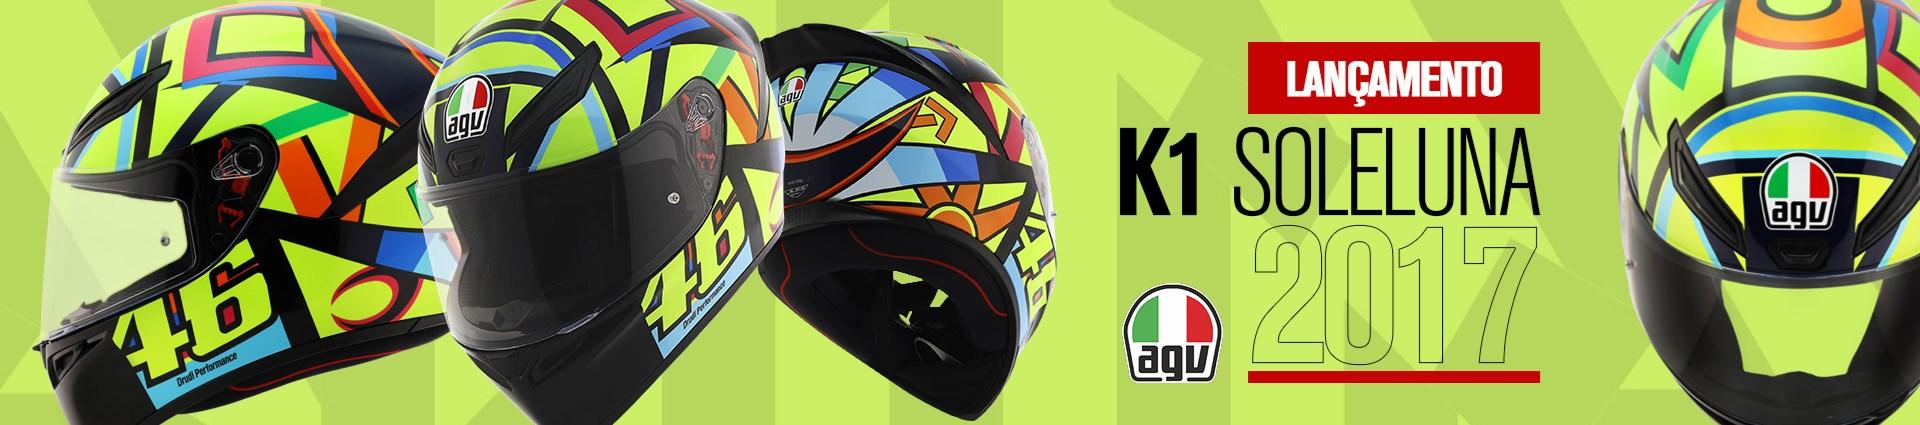 Lp capacete agv k1